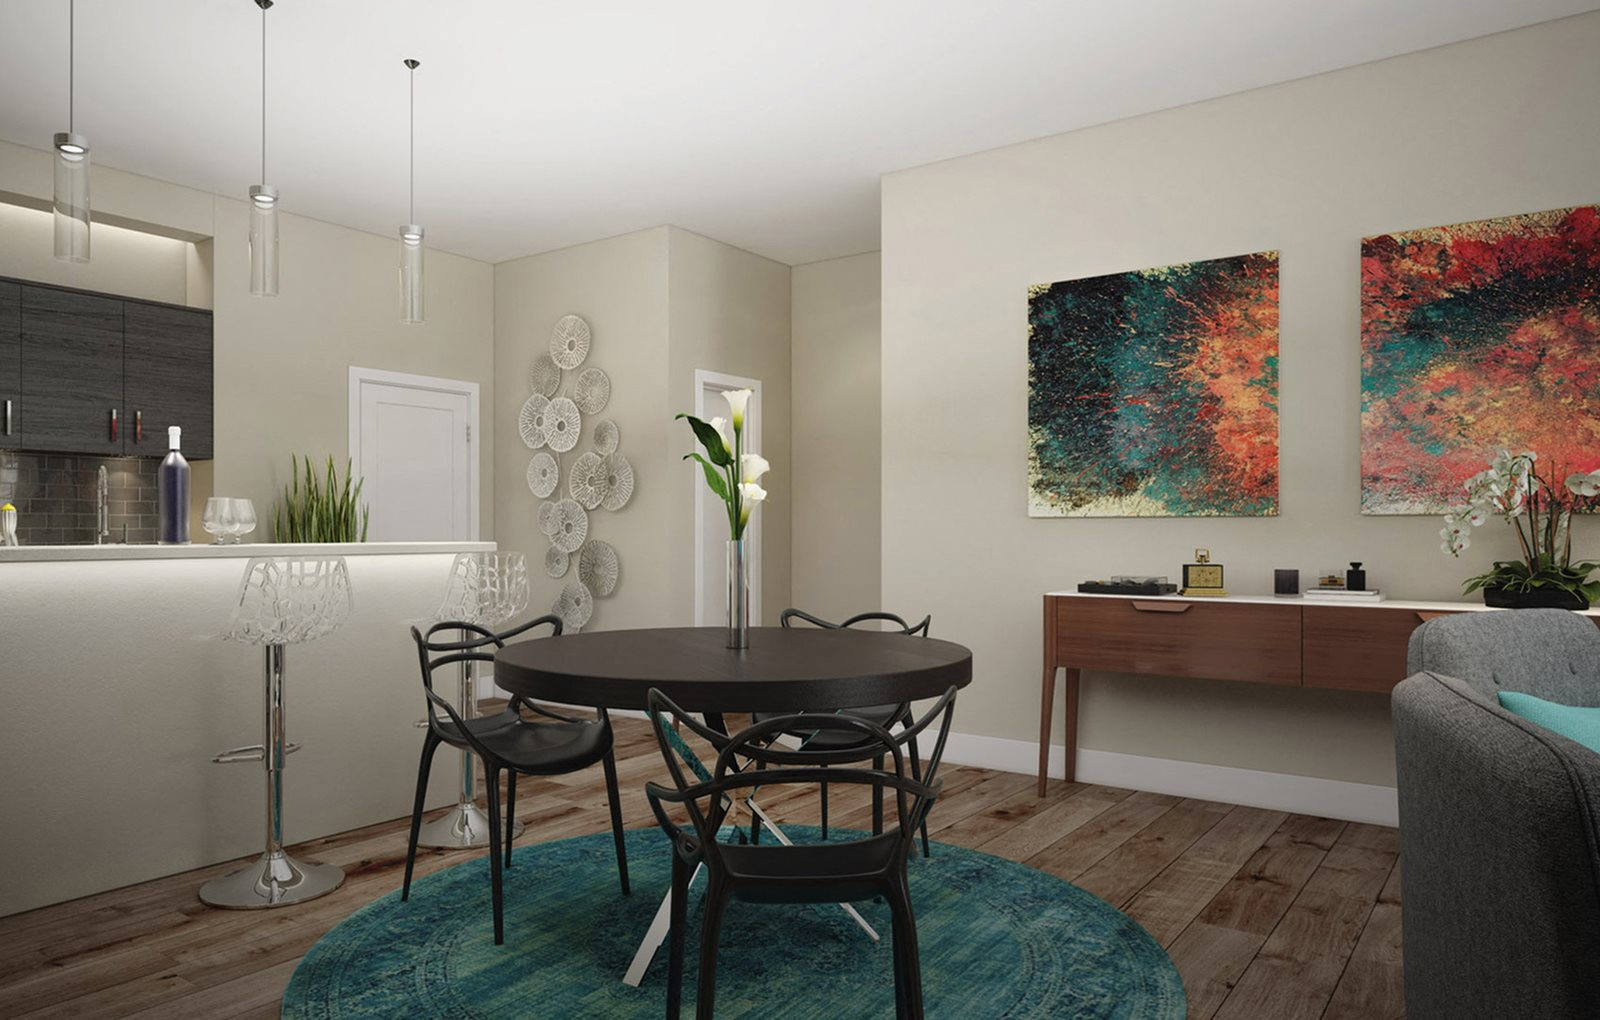 brand new apartment community in las vegas brand new apartment community in las vegas